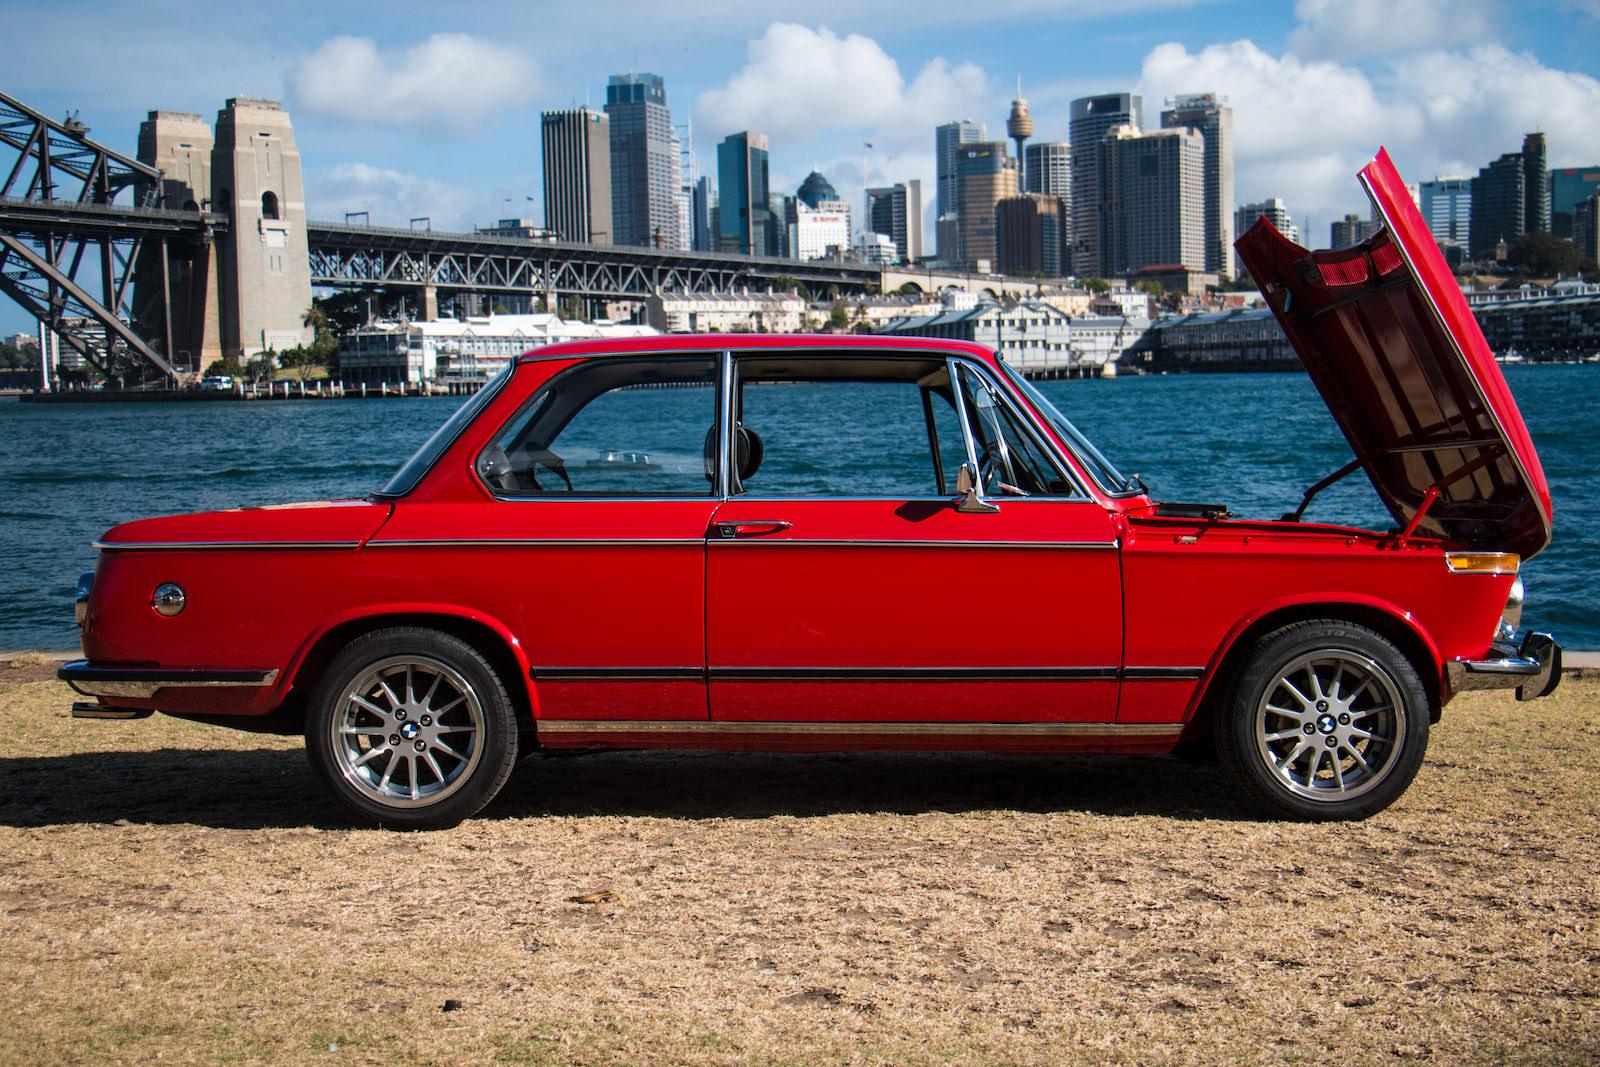 BMW-2002-Car-24.jpg